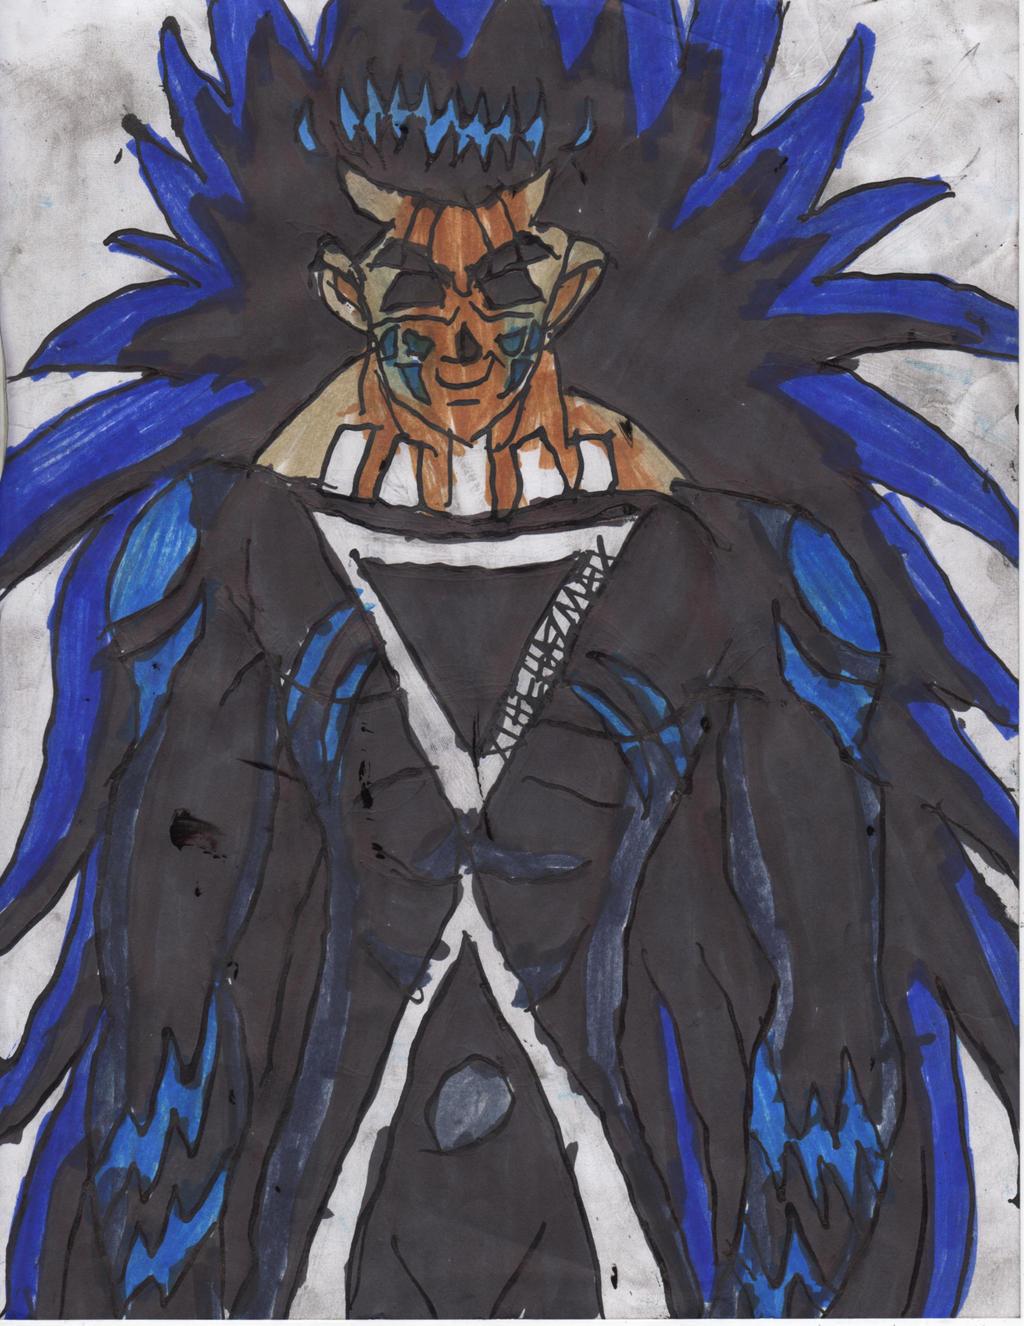 Yusuke demon black lantern by chahlesxavier on deviantart for Yusuke demon